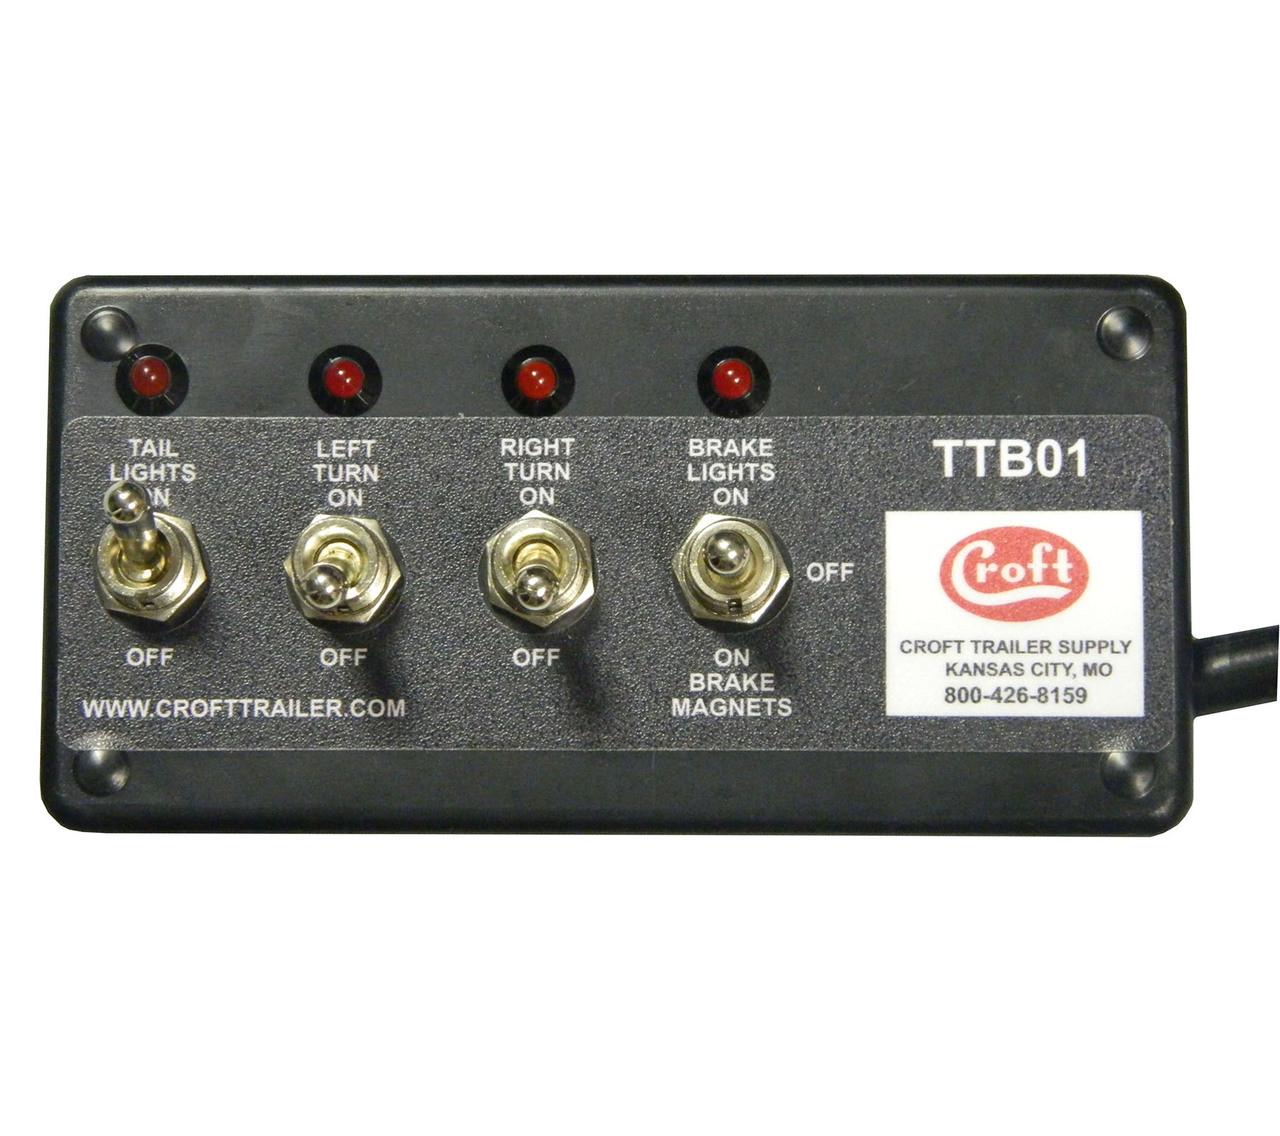 trailer test box croft ttb01 trailer lighting test equipment